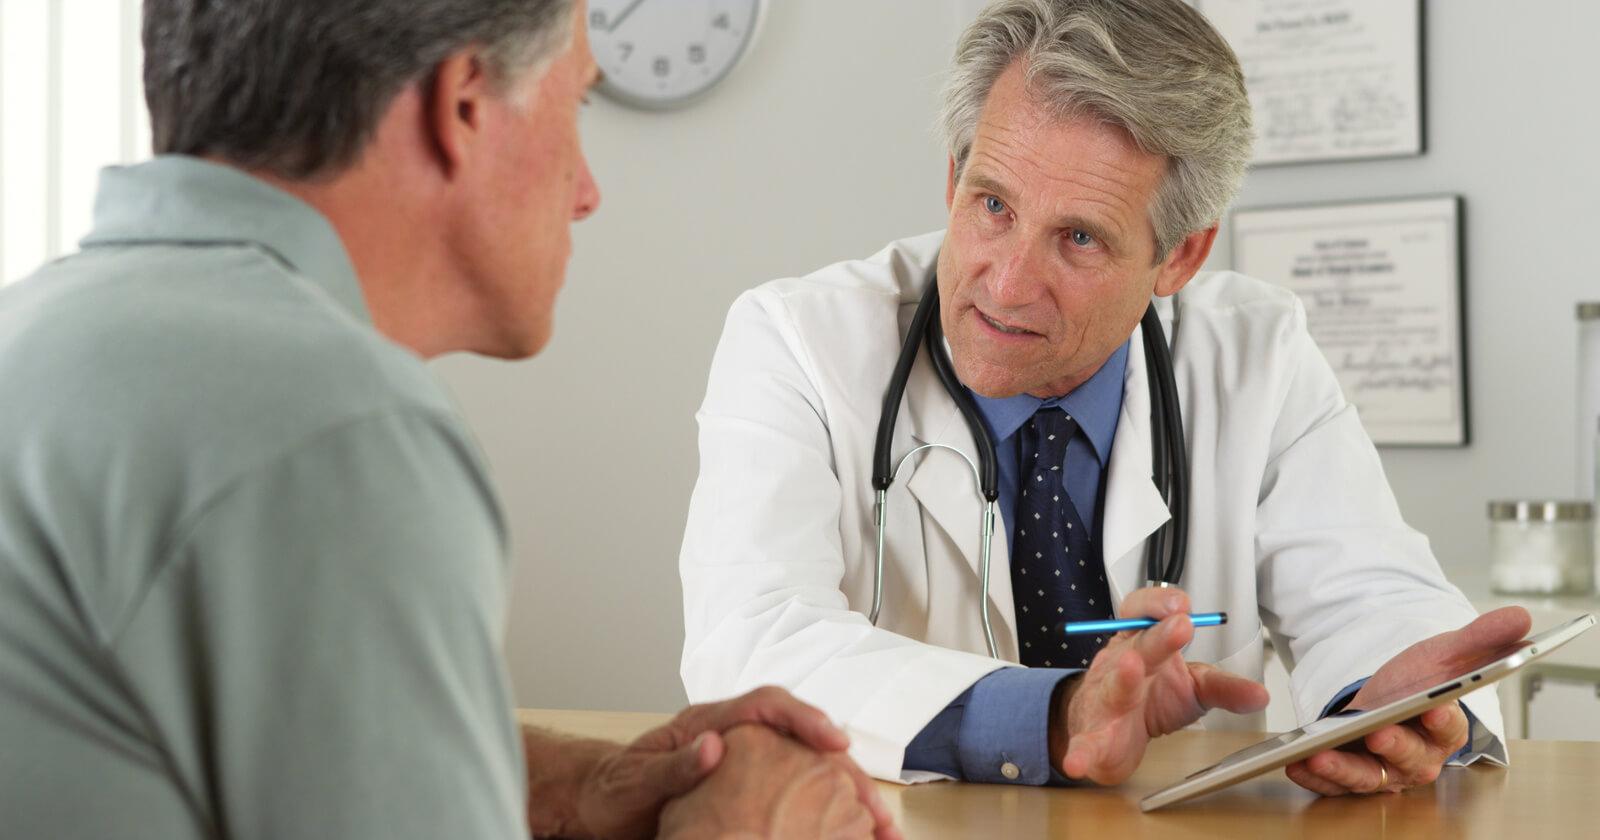 Arzt bespricht mit Patienten, welche Behandlungen bei Magengeschwüren möglich sind